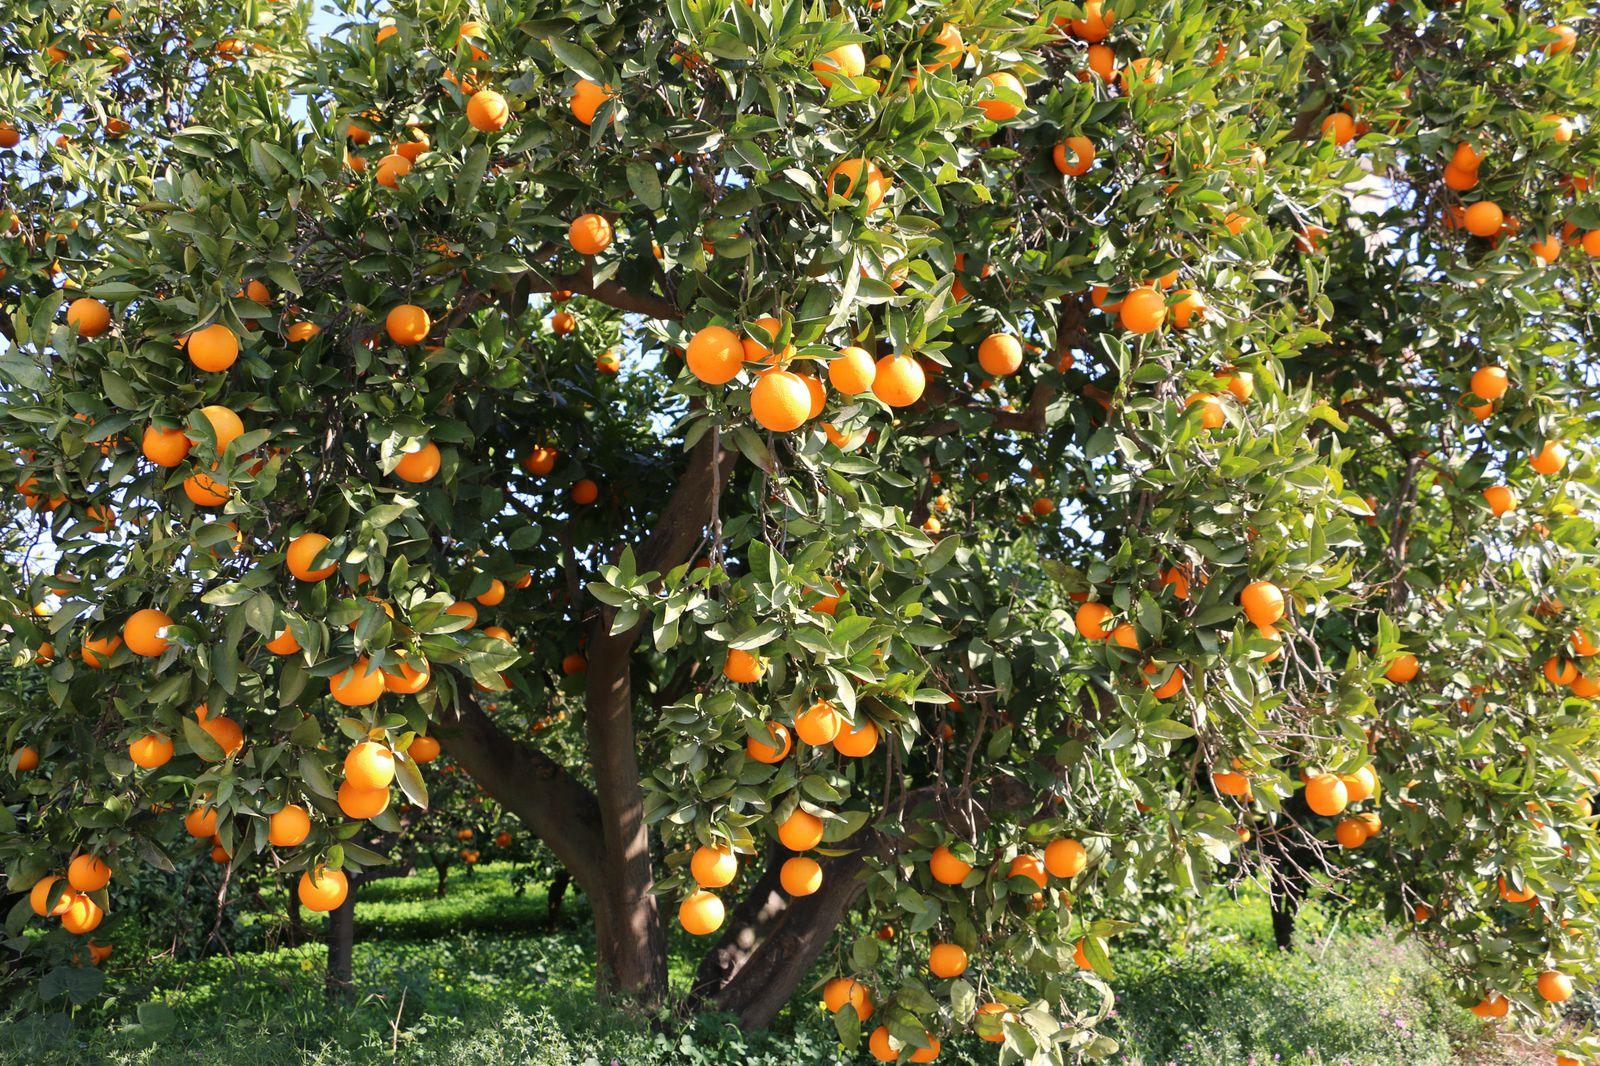 Retour du pays des orangers et des amandiers en fleurs.